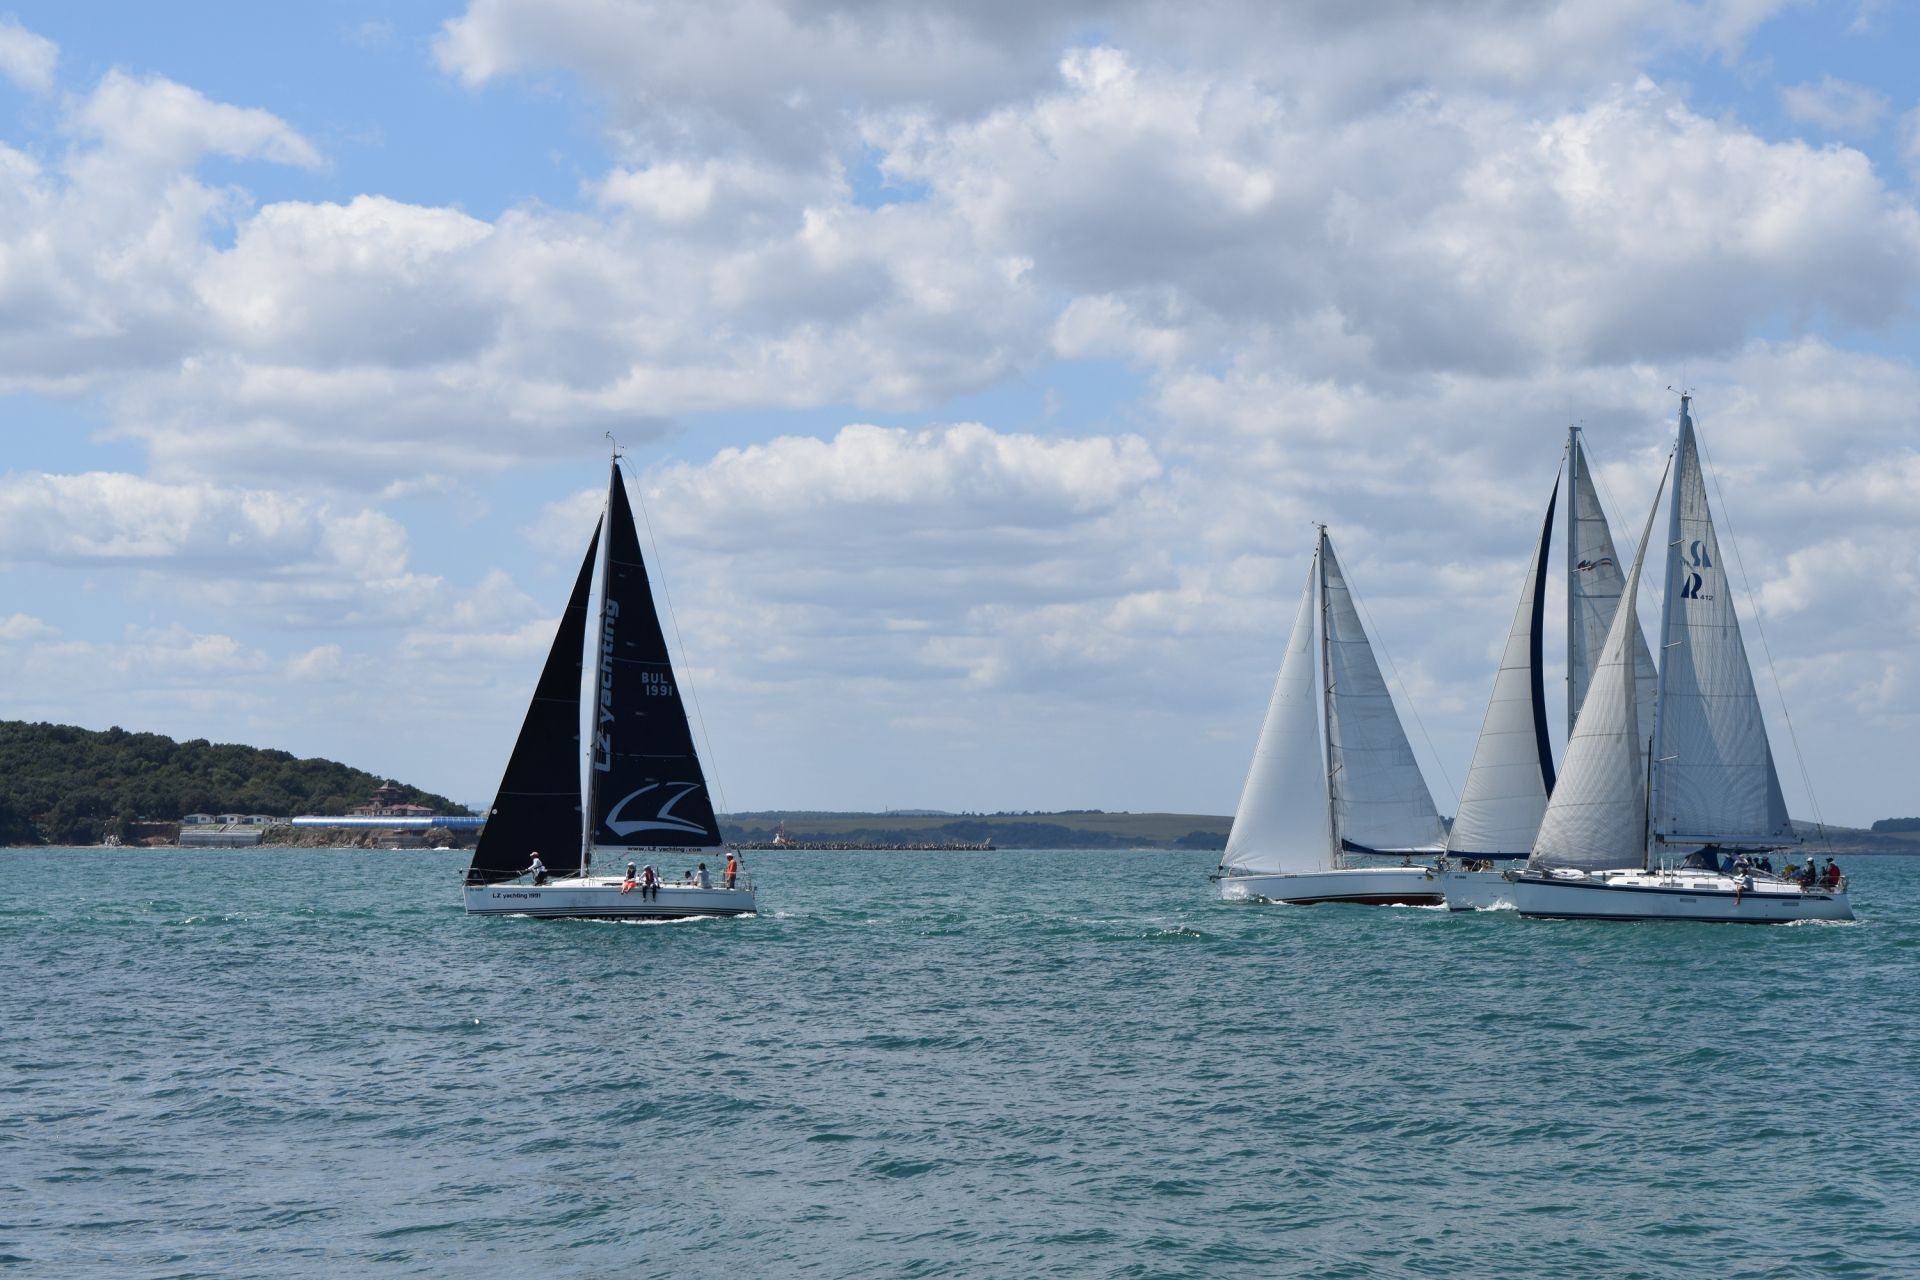 Елитни ветроходци се събират през август в пристанище Бургас - 04.08.2020